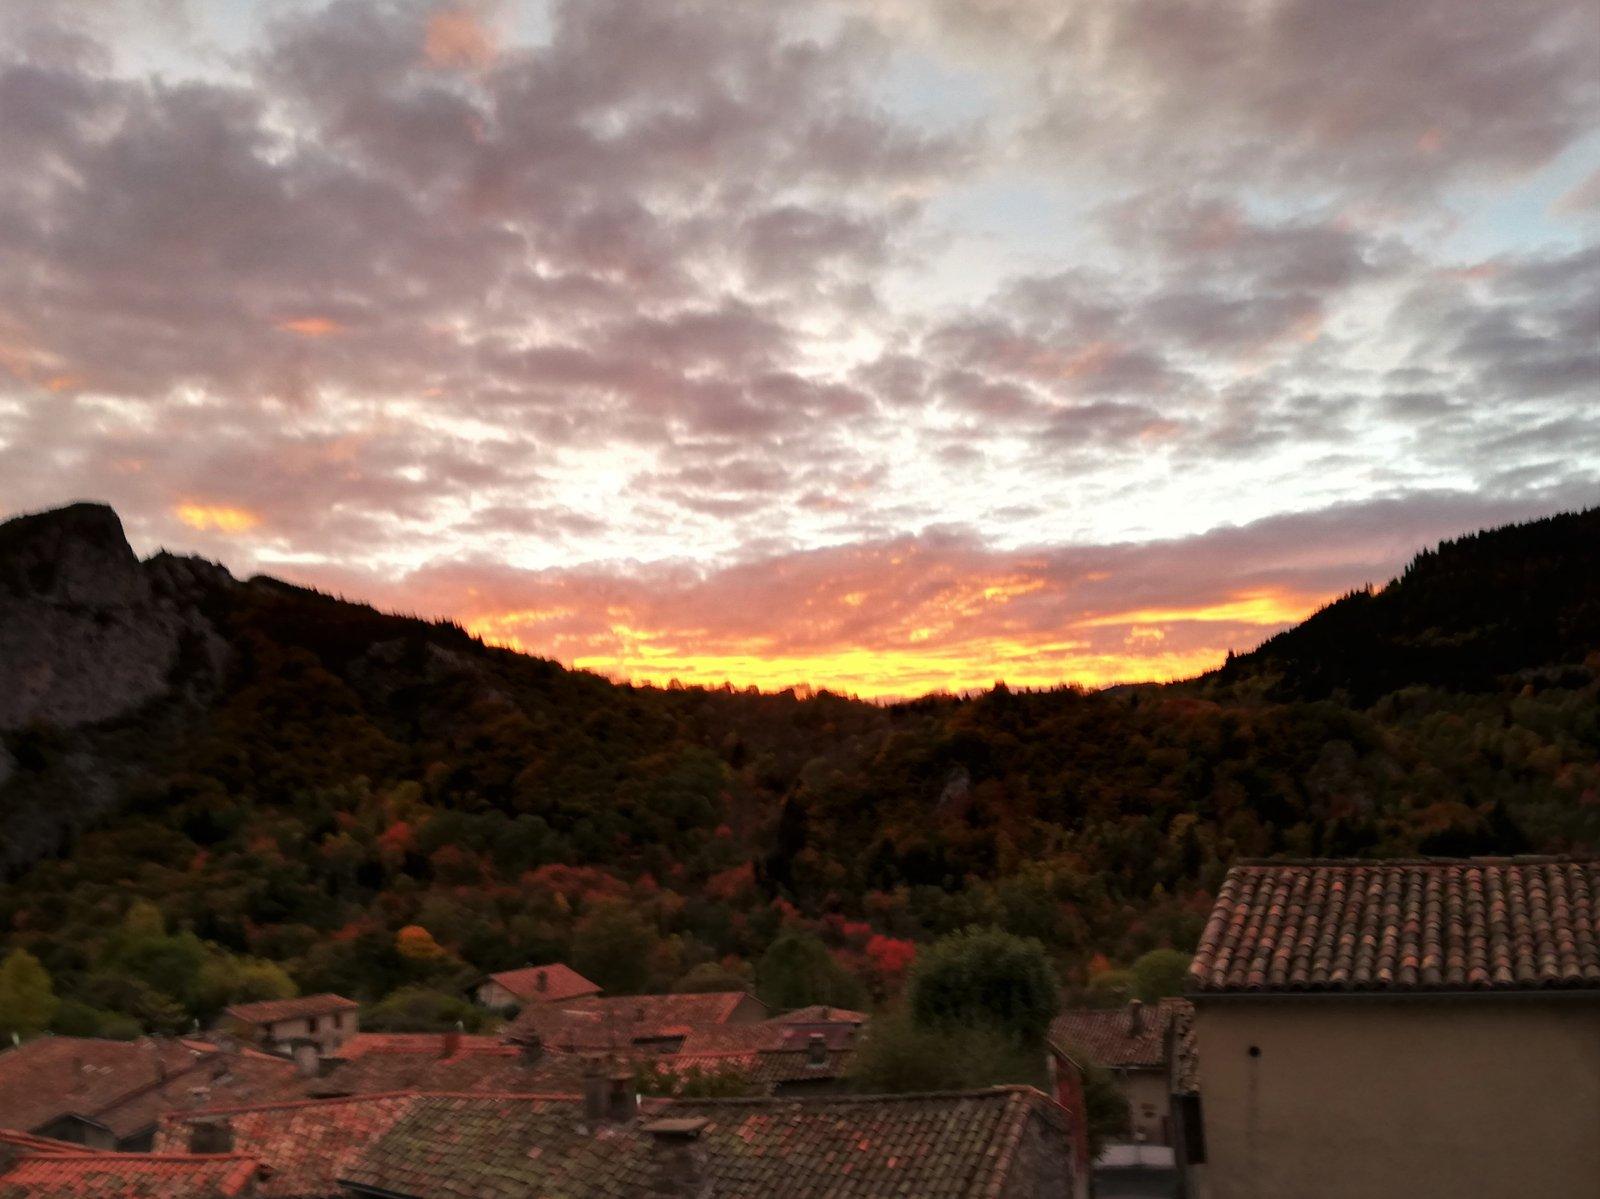 Encore un beau ciel à Montségur dans Actualité locale 191104082033953342